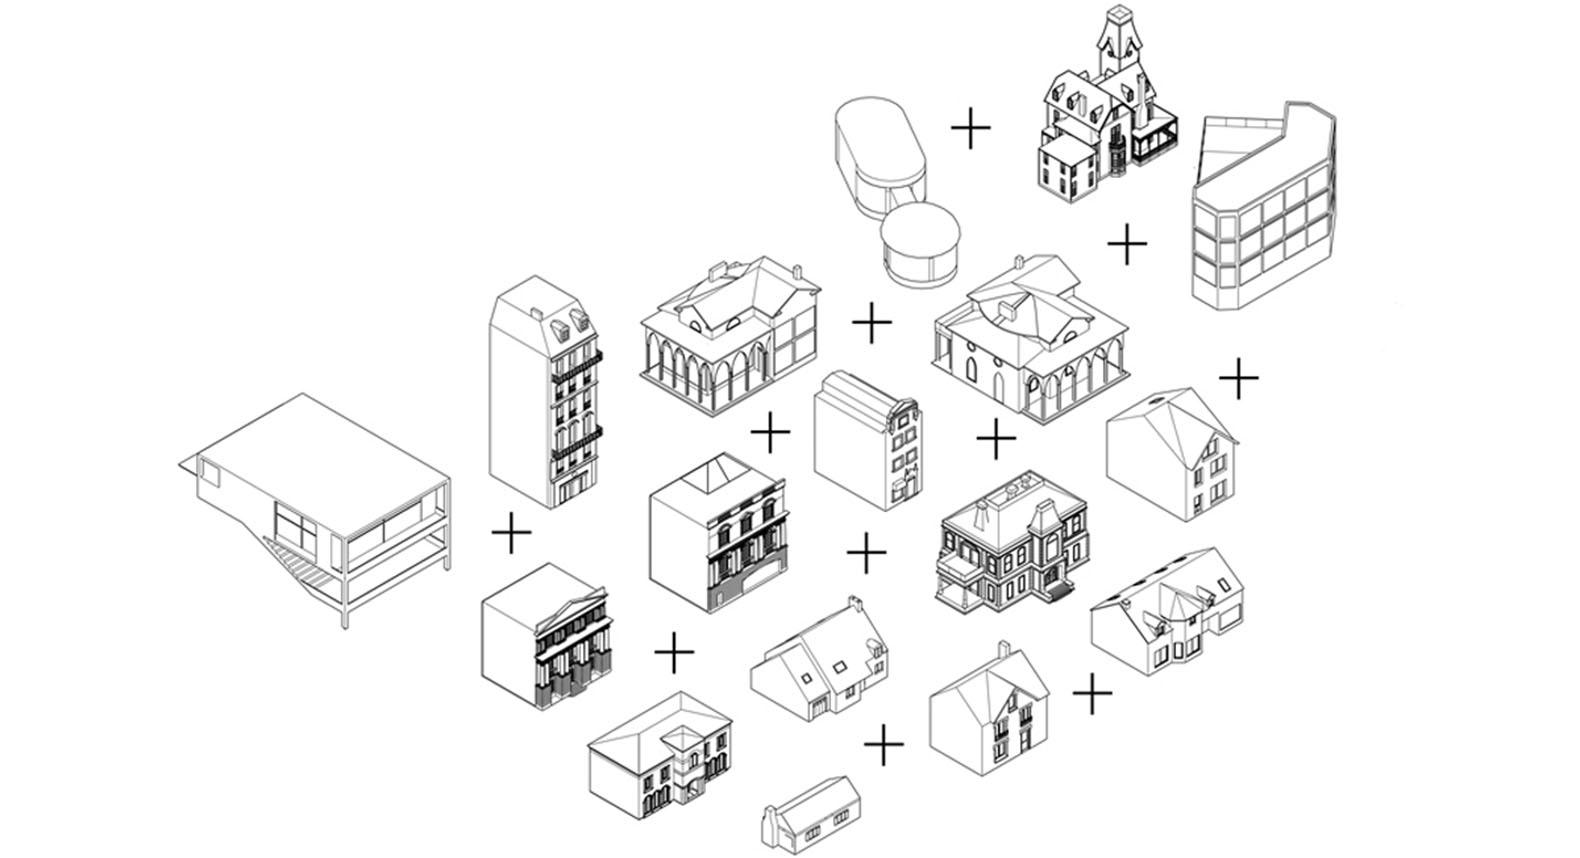 Périphériques' affordable housing proposal reinvents Paris